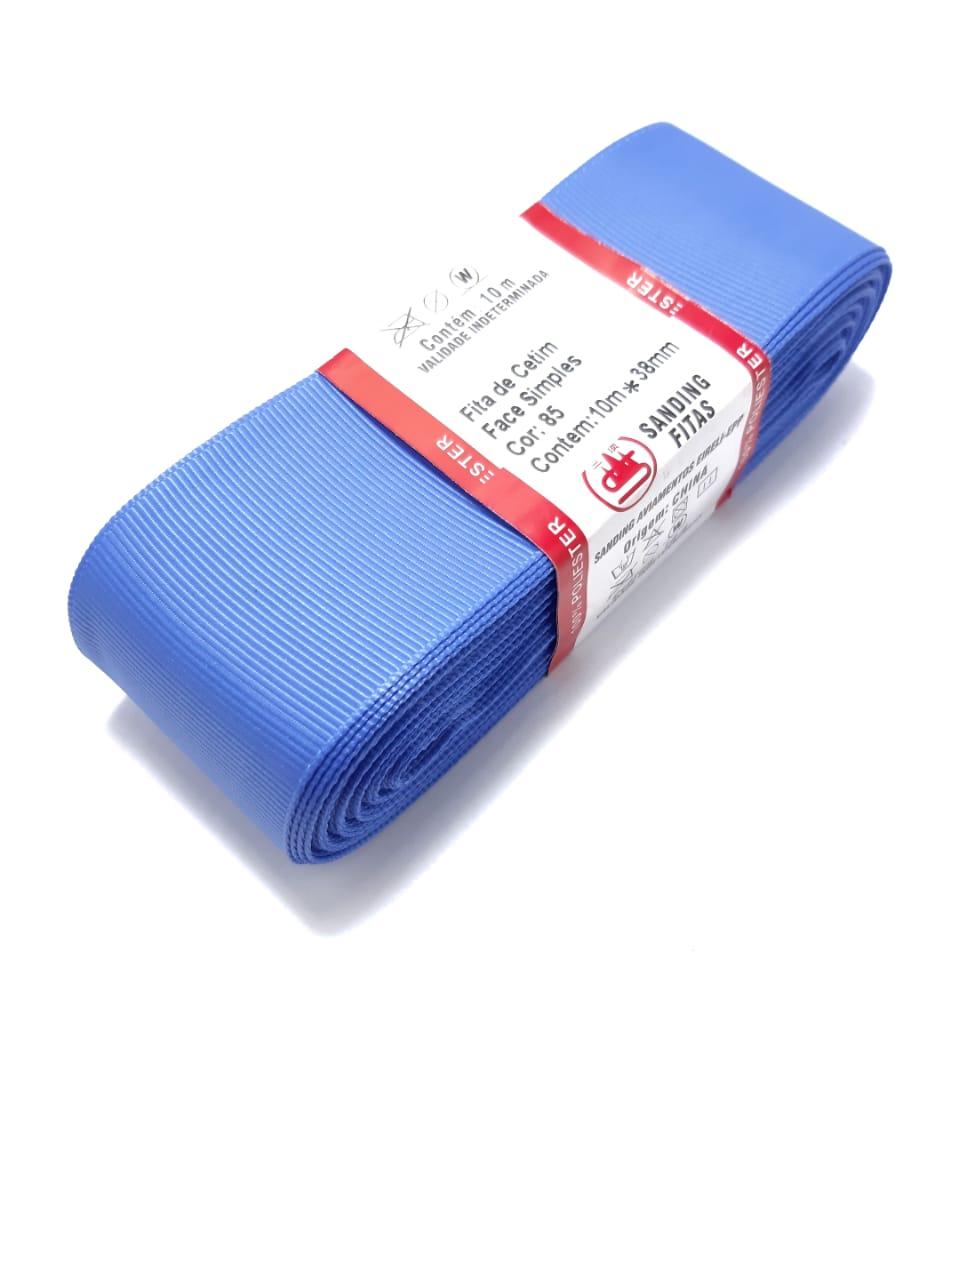 FITA SANDING - Cor: 085 Azul Hortência